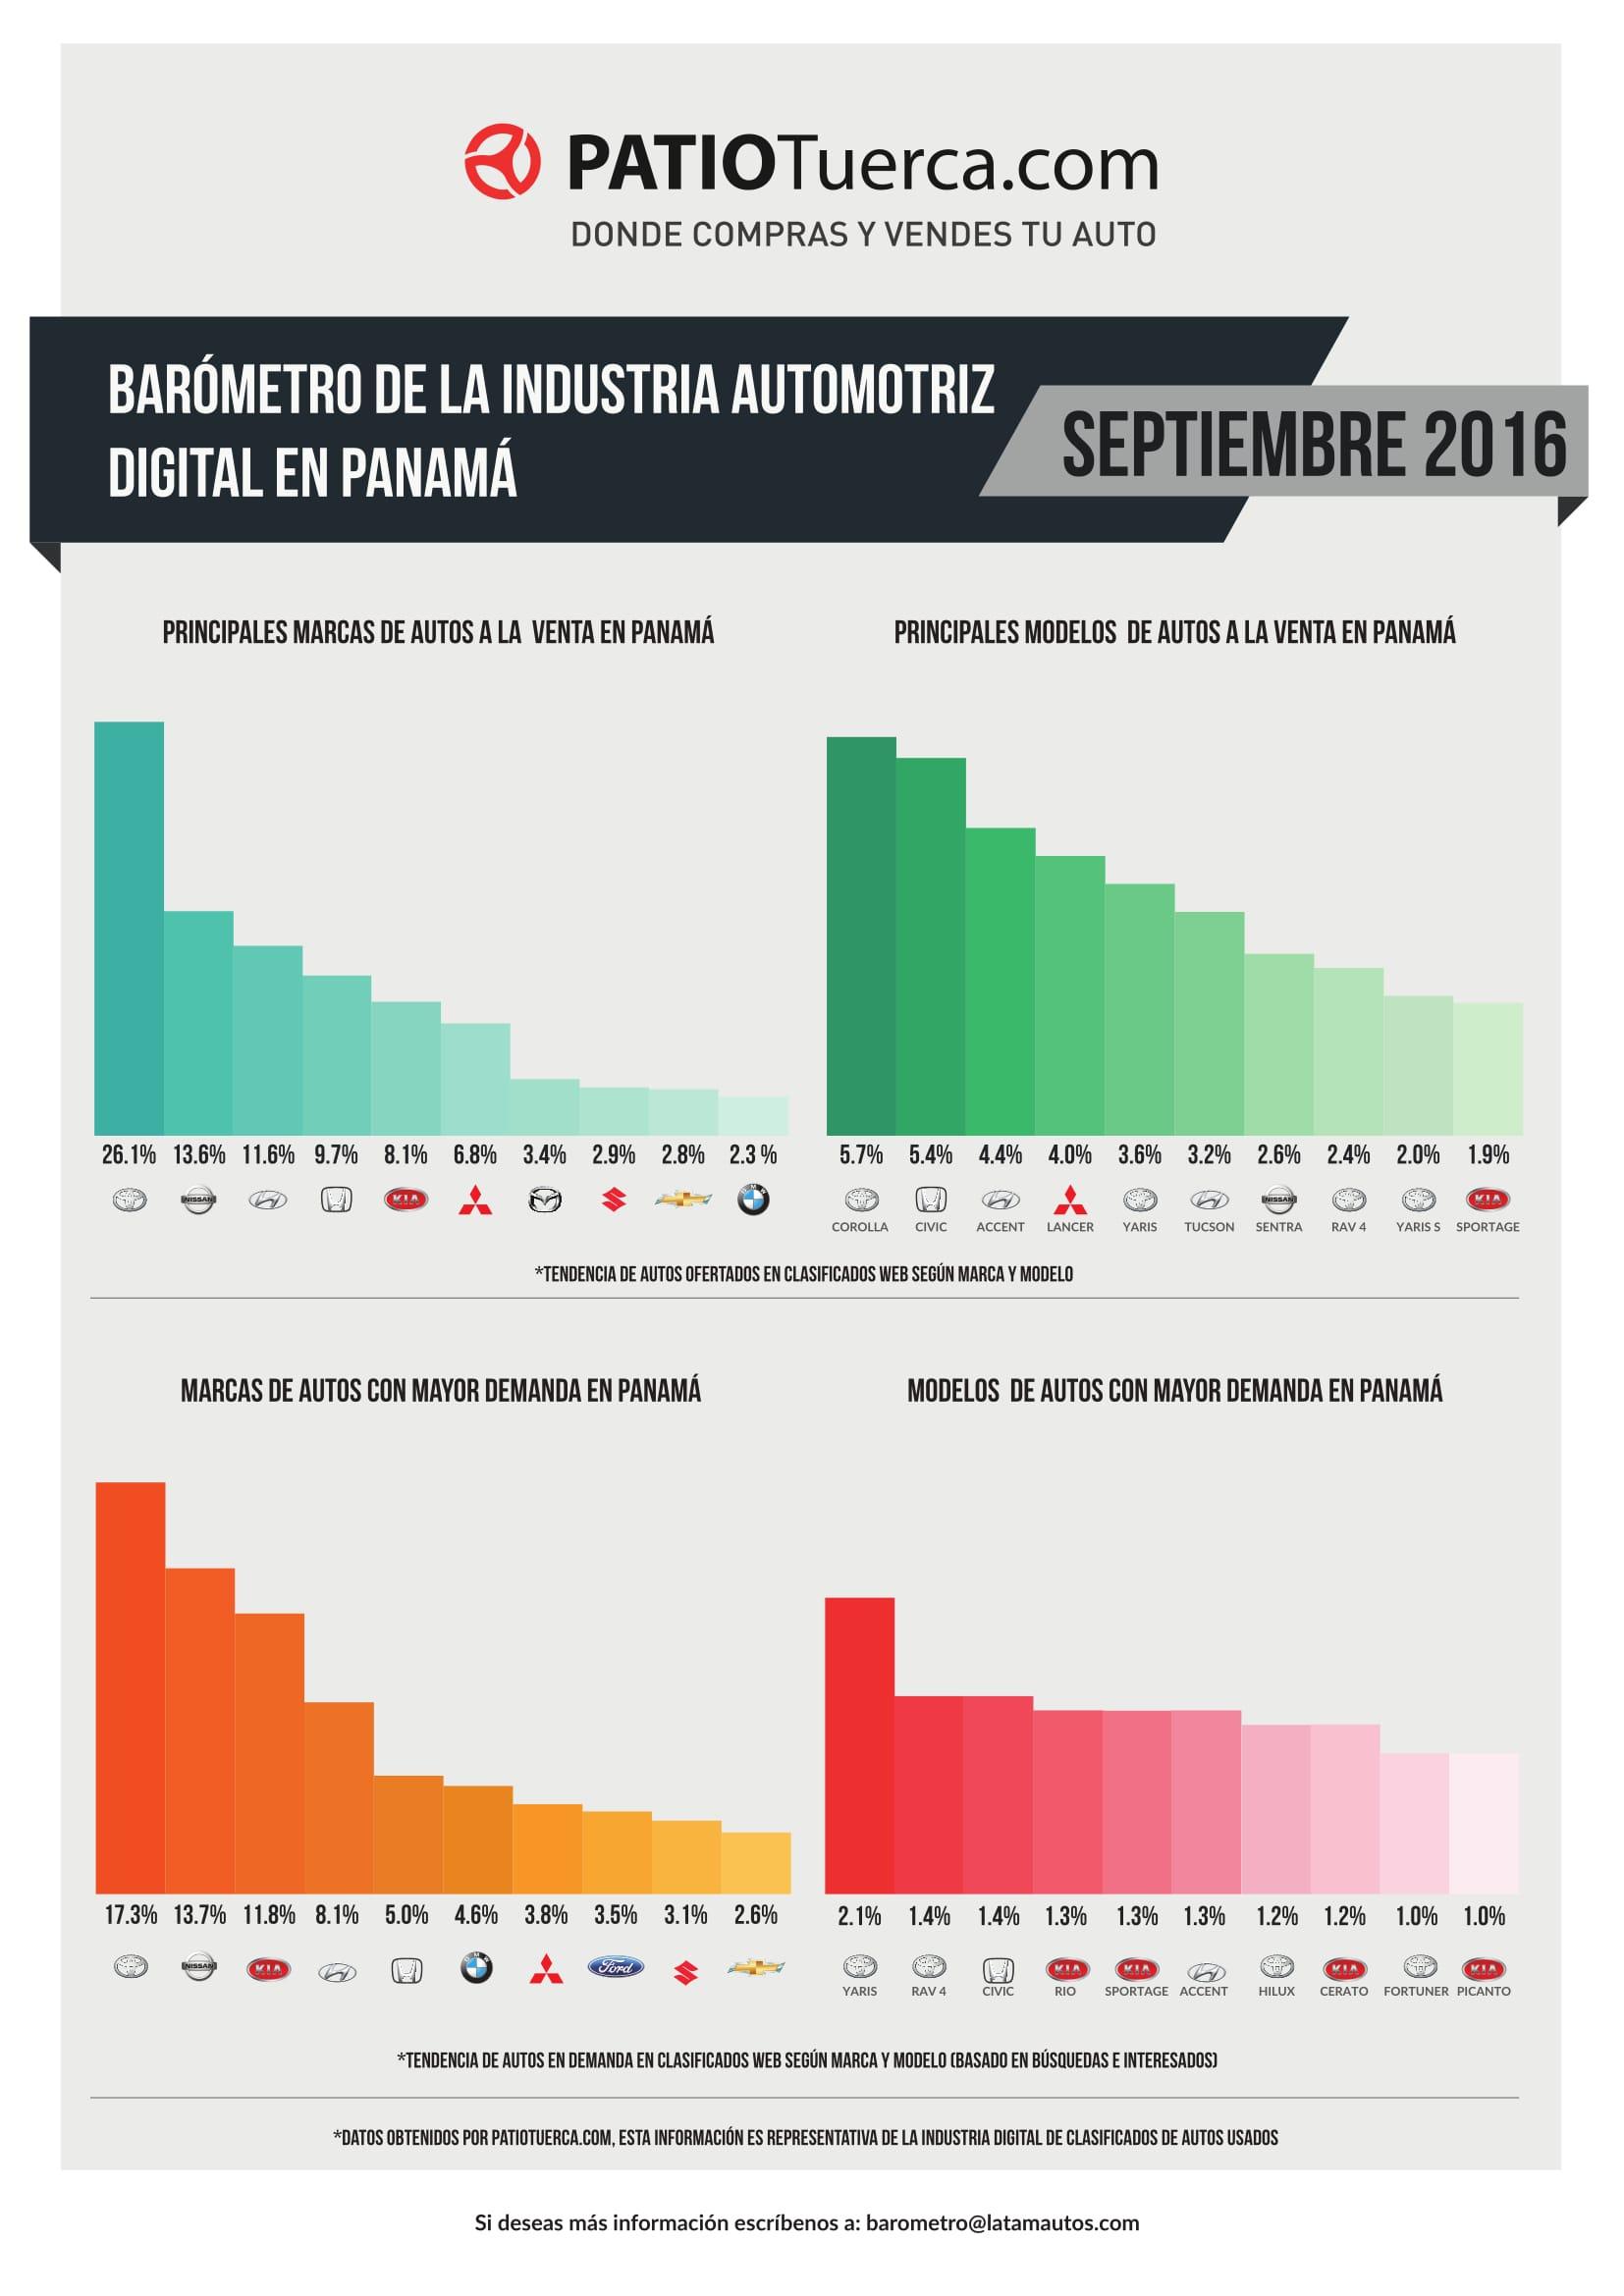 Barómetro de la industria automotriz digital panameña en septiembre